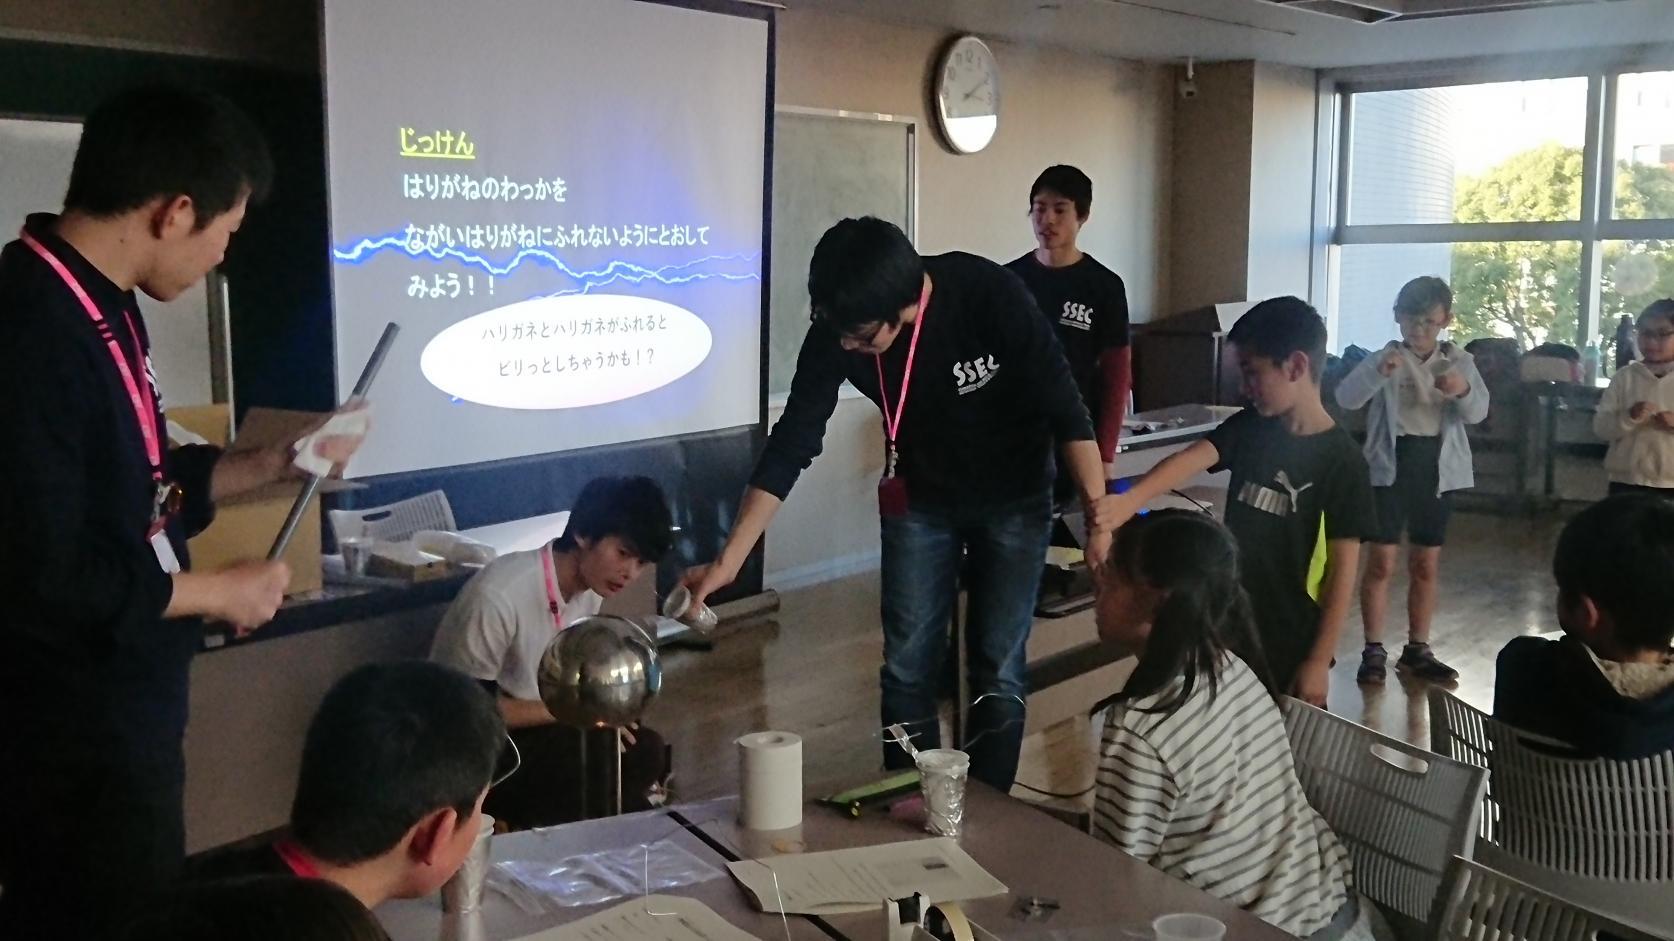 【参加報告】駿河台理科教育サークル:今年も 「子ども未来講座」に参加。子供たちの笑顔あふれる1日となりました。